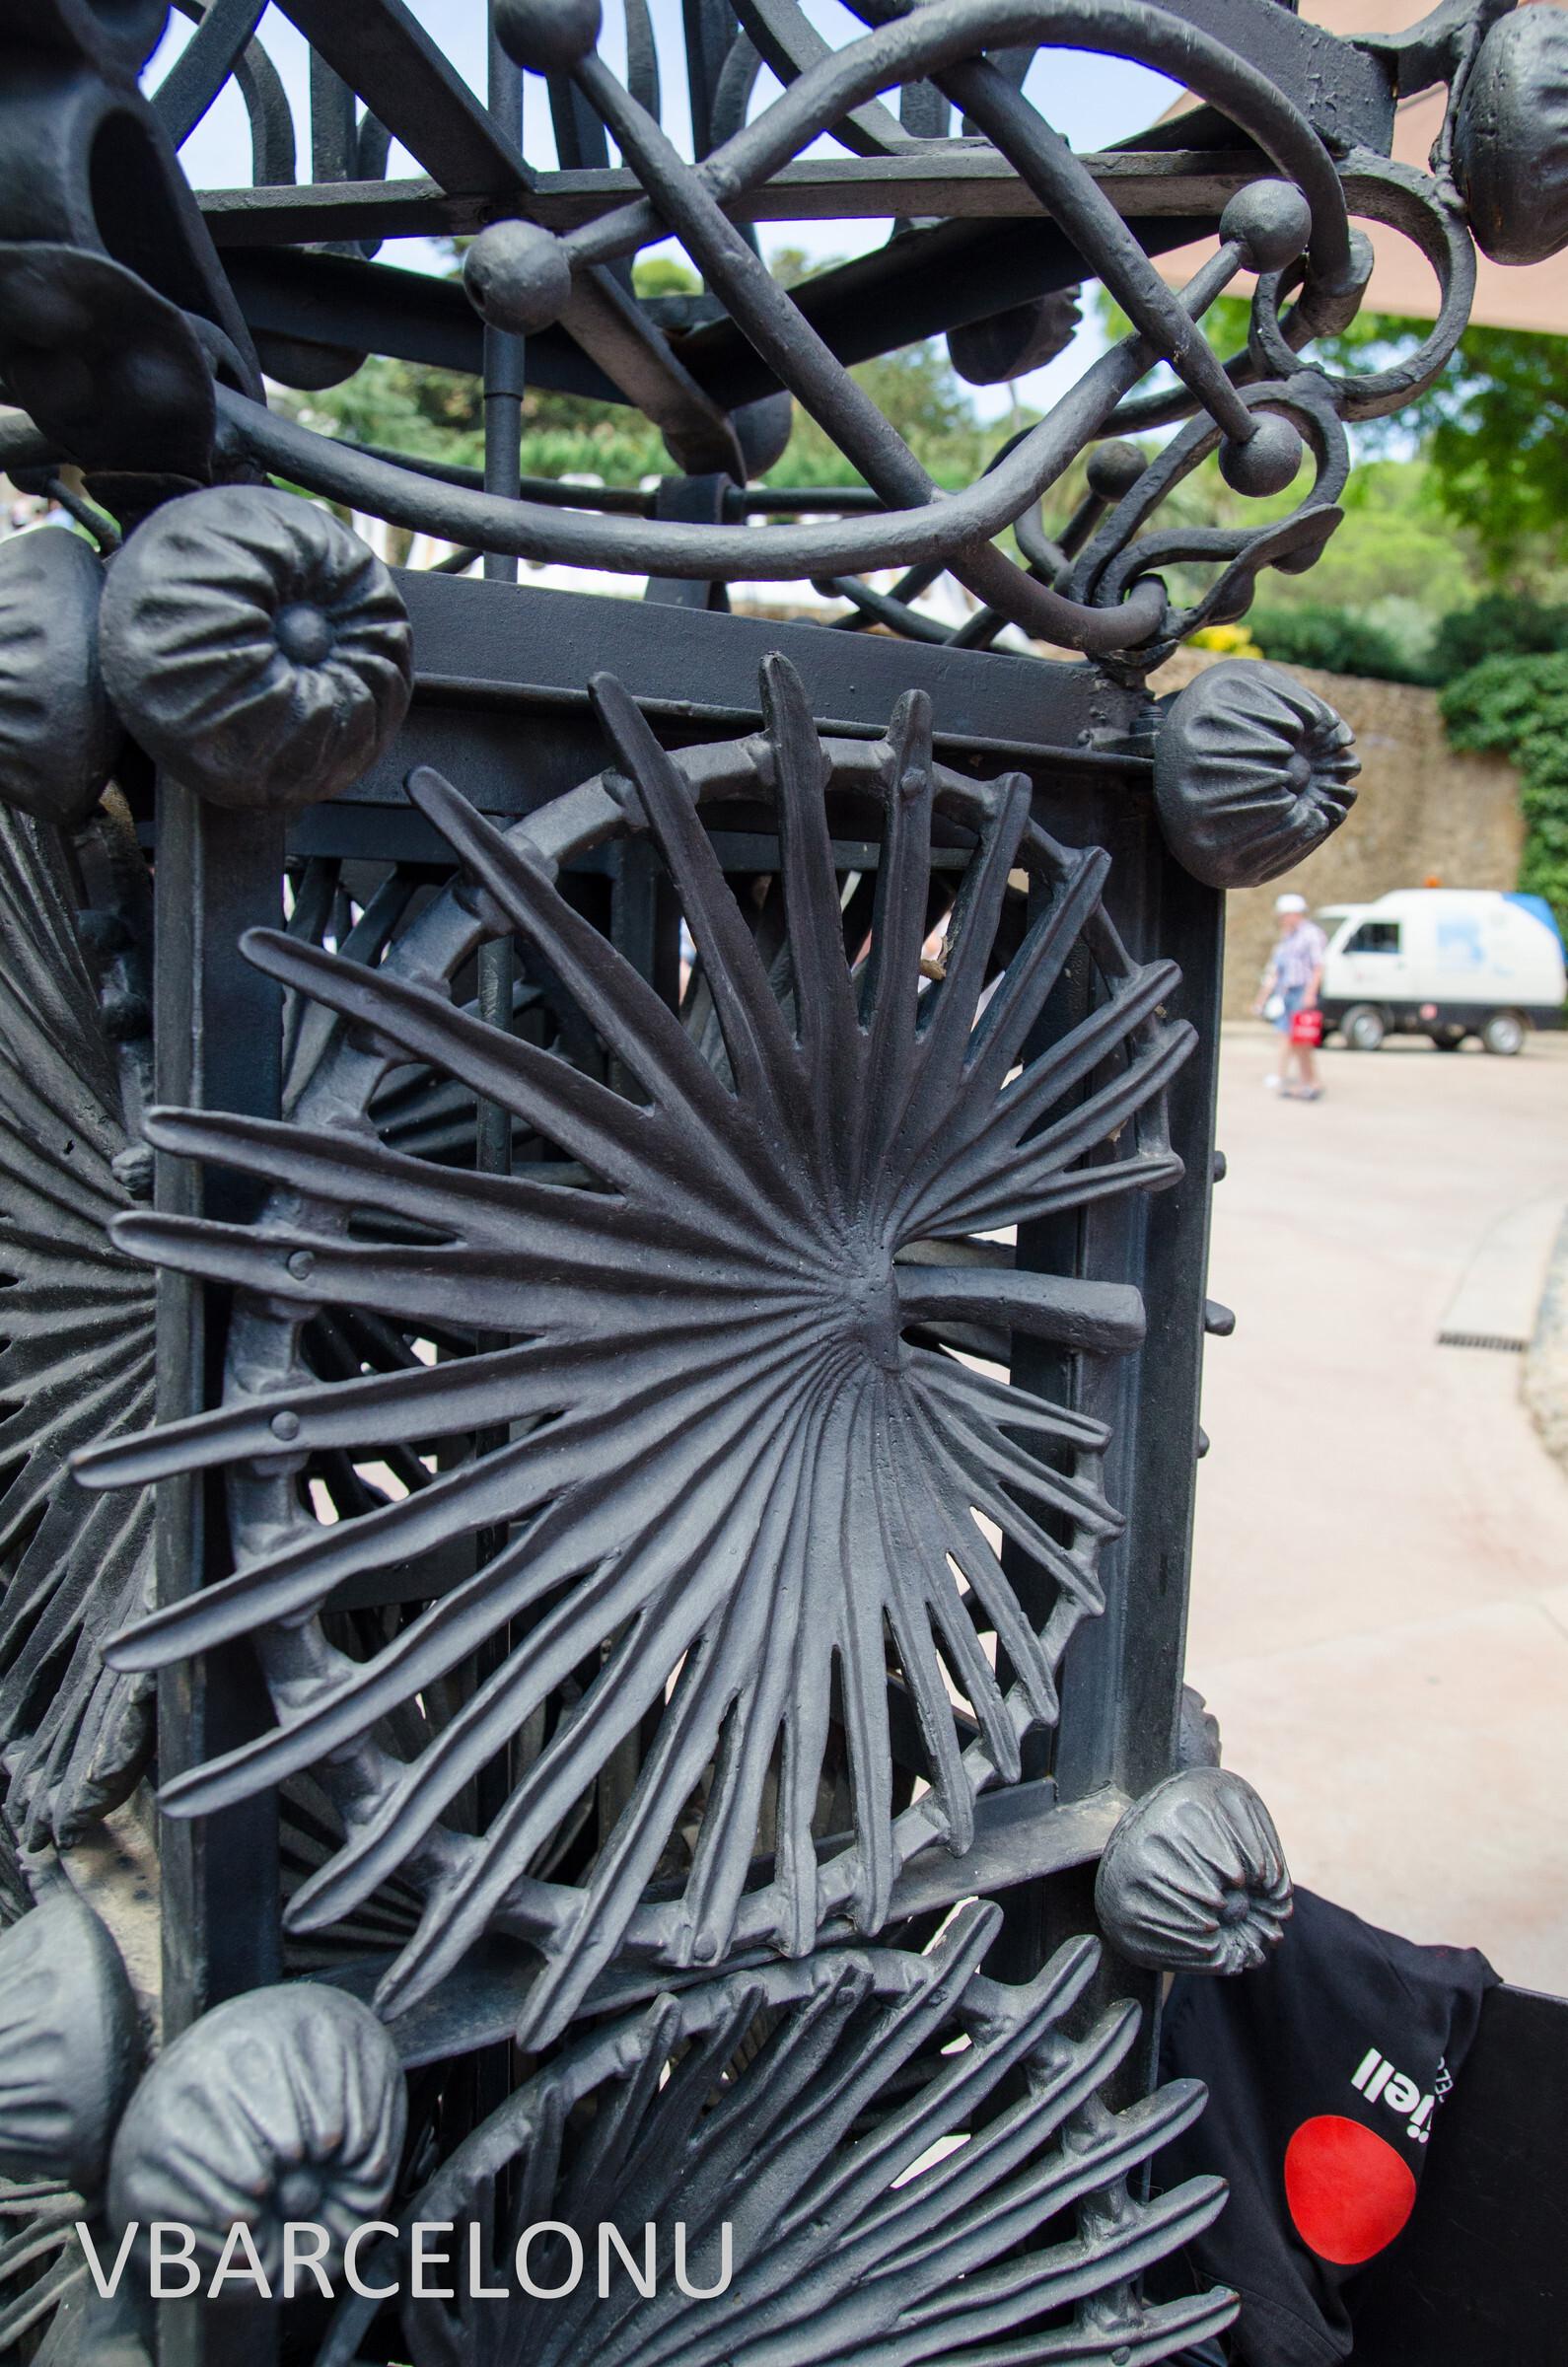 Основной элемент кованых ворот в Парке Гуэль - пальмовый лист. Пальма - священное для христиан дерево. Именно пальмовым листом встречал в Иерусалиме народ вошедшего Иисуса. Архитектор Антонио Гауди был глубоко верующим человеком. К слову, решетка с пальмовым листом была привезена в Парк Гуэль из Дома Висенс, спустя много лет после смерти Антонио Гауди., Барселона. Парк Гуэль